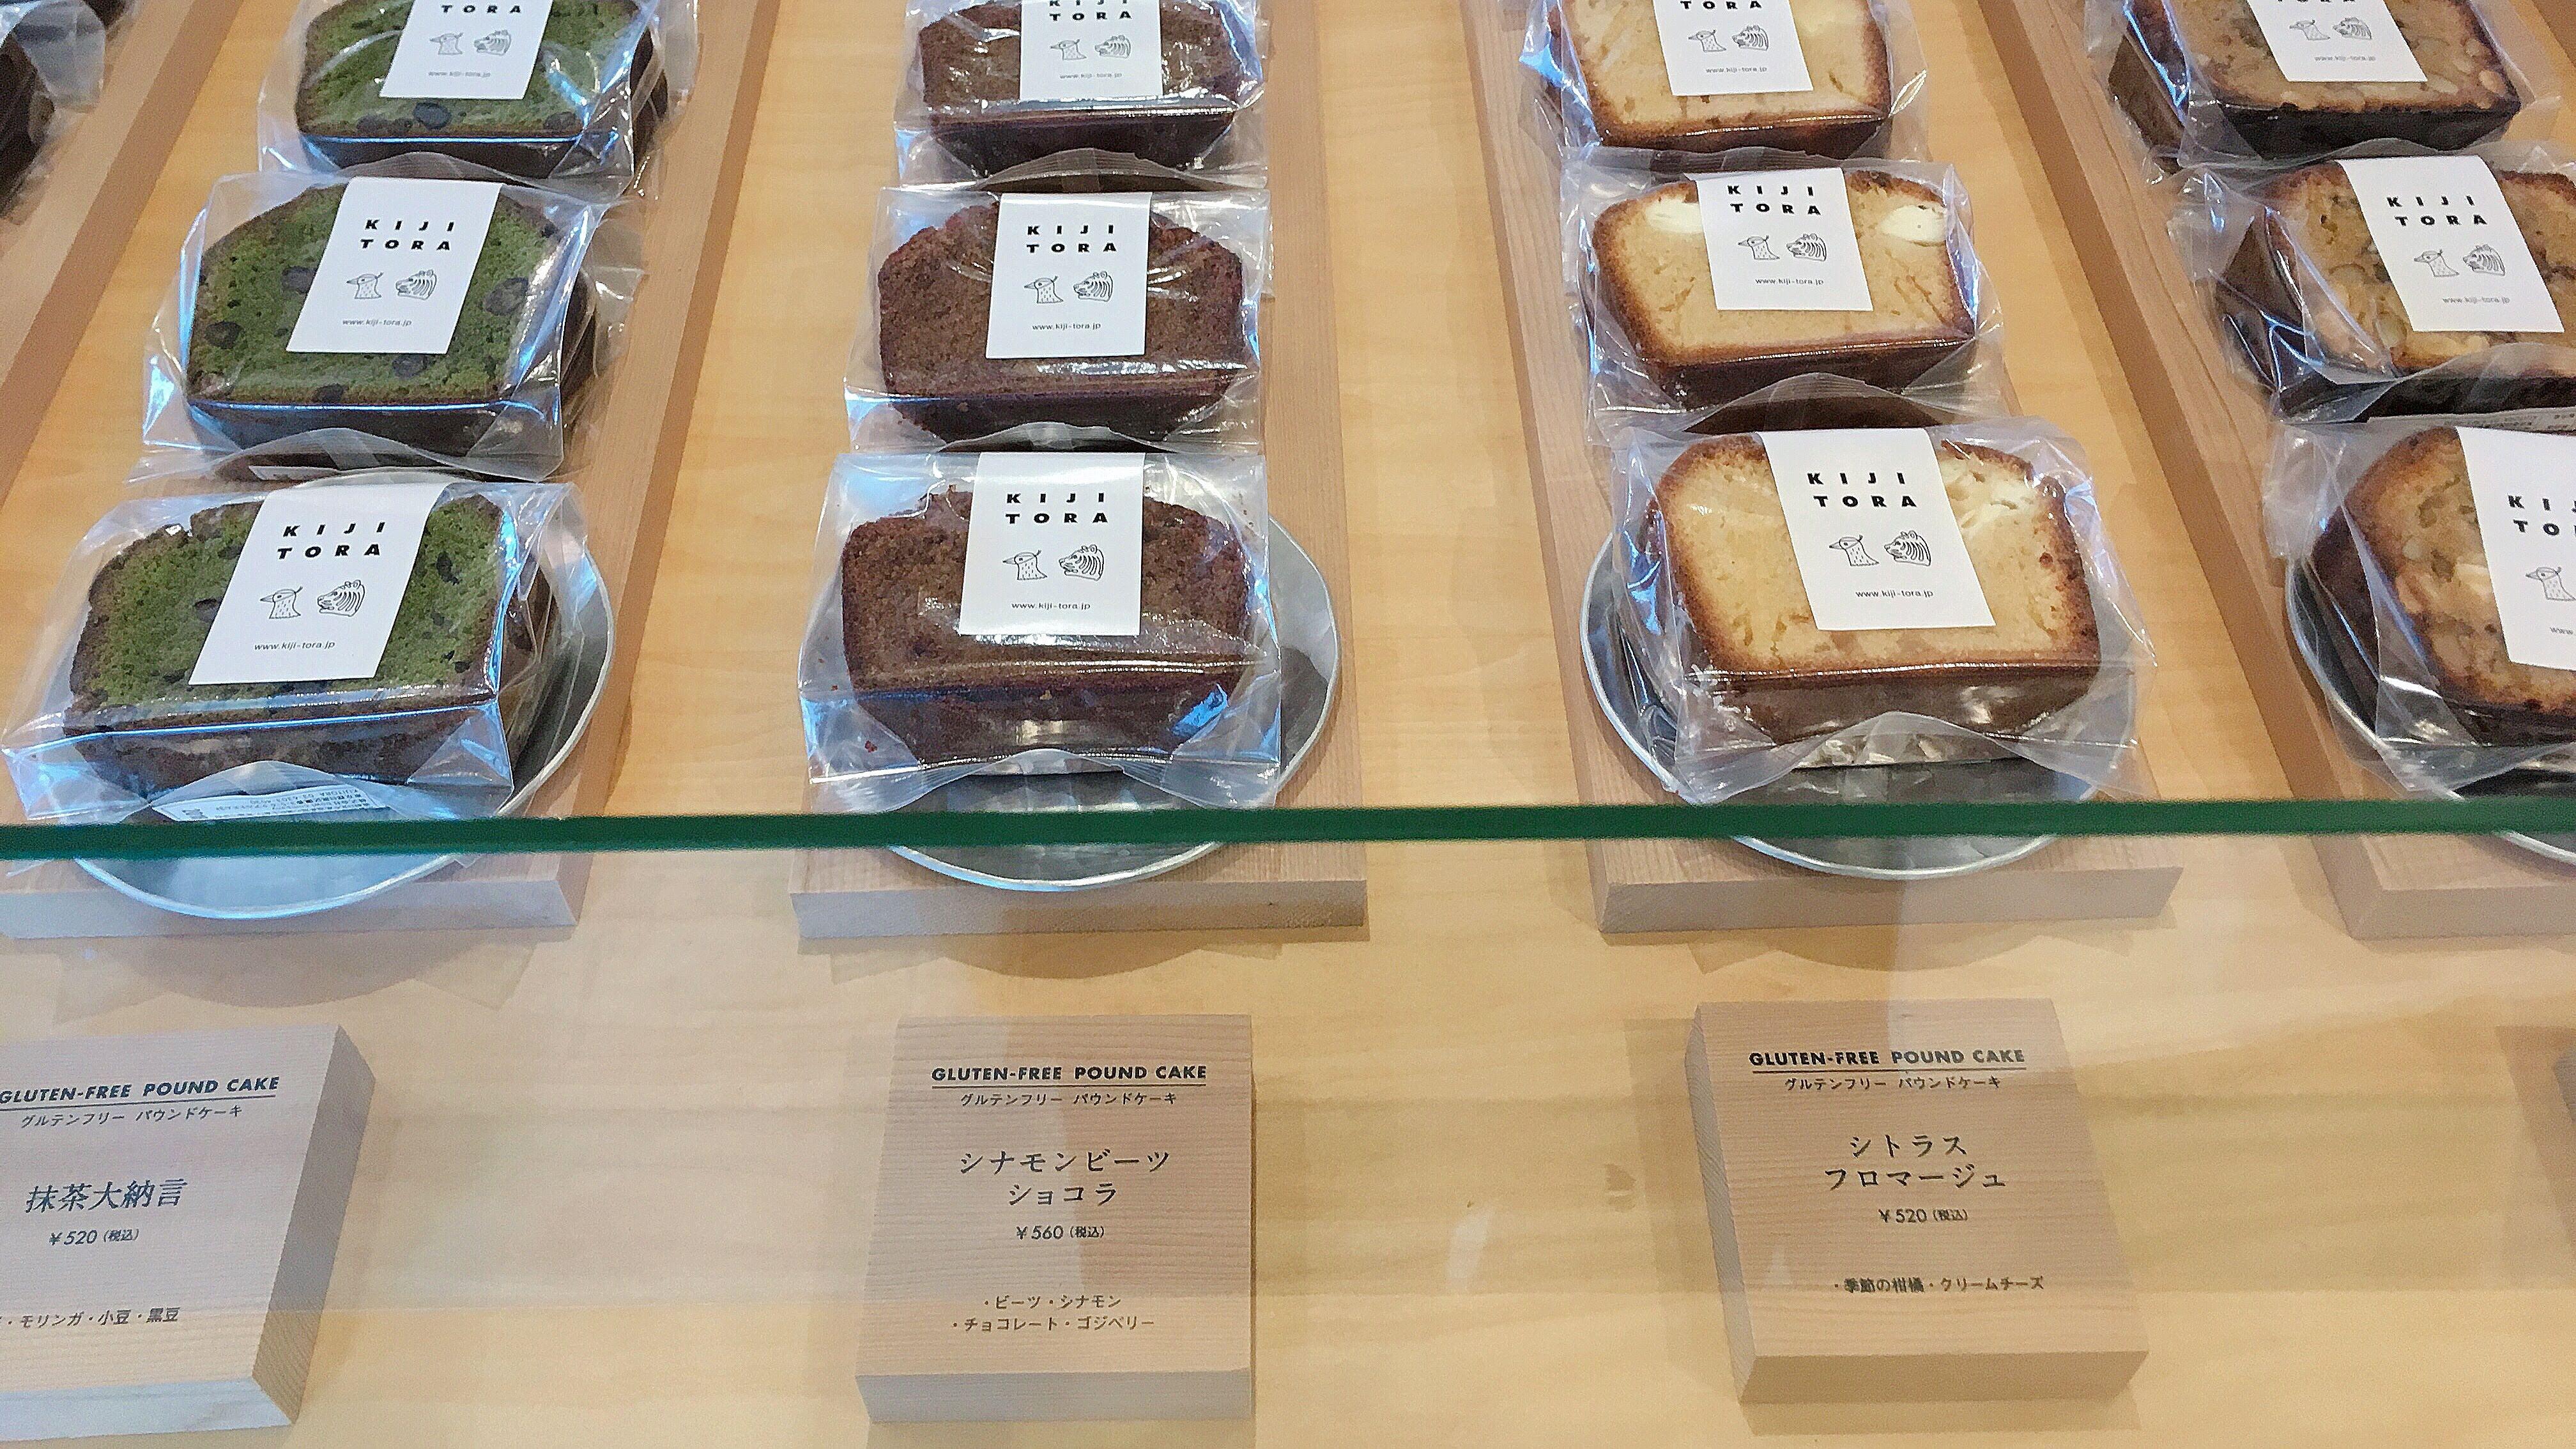 学芸大学にあるグルテンフリー焼き菓子のお店キジトラ(KIJITORA)の内観